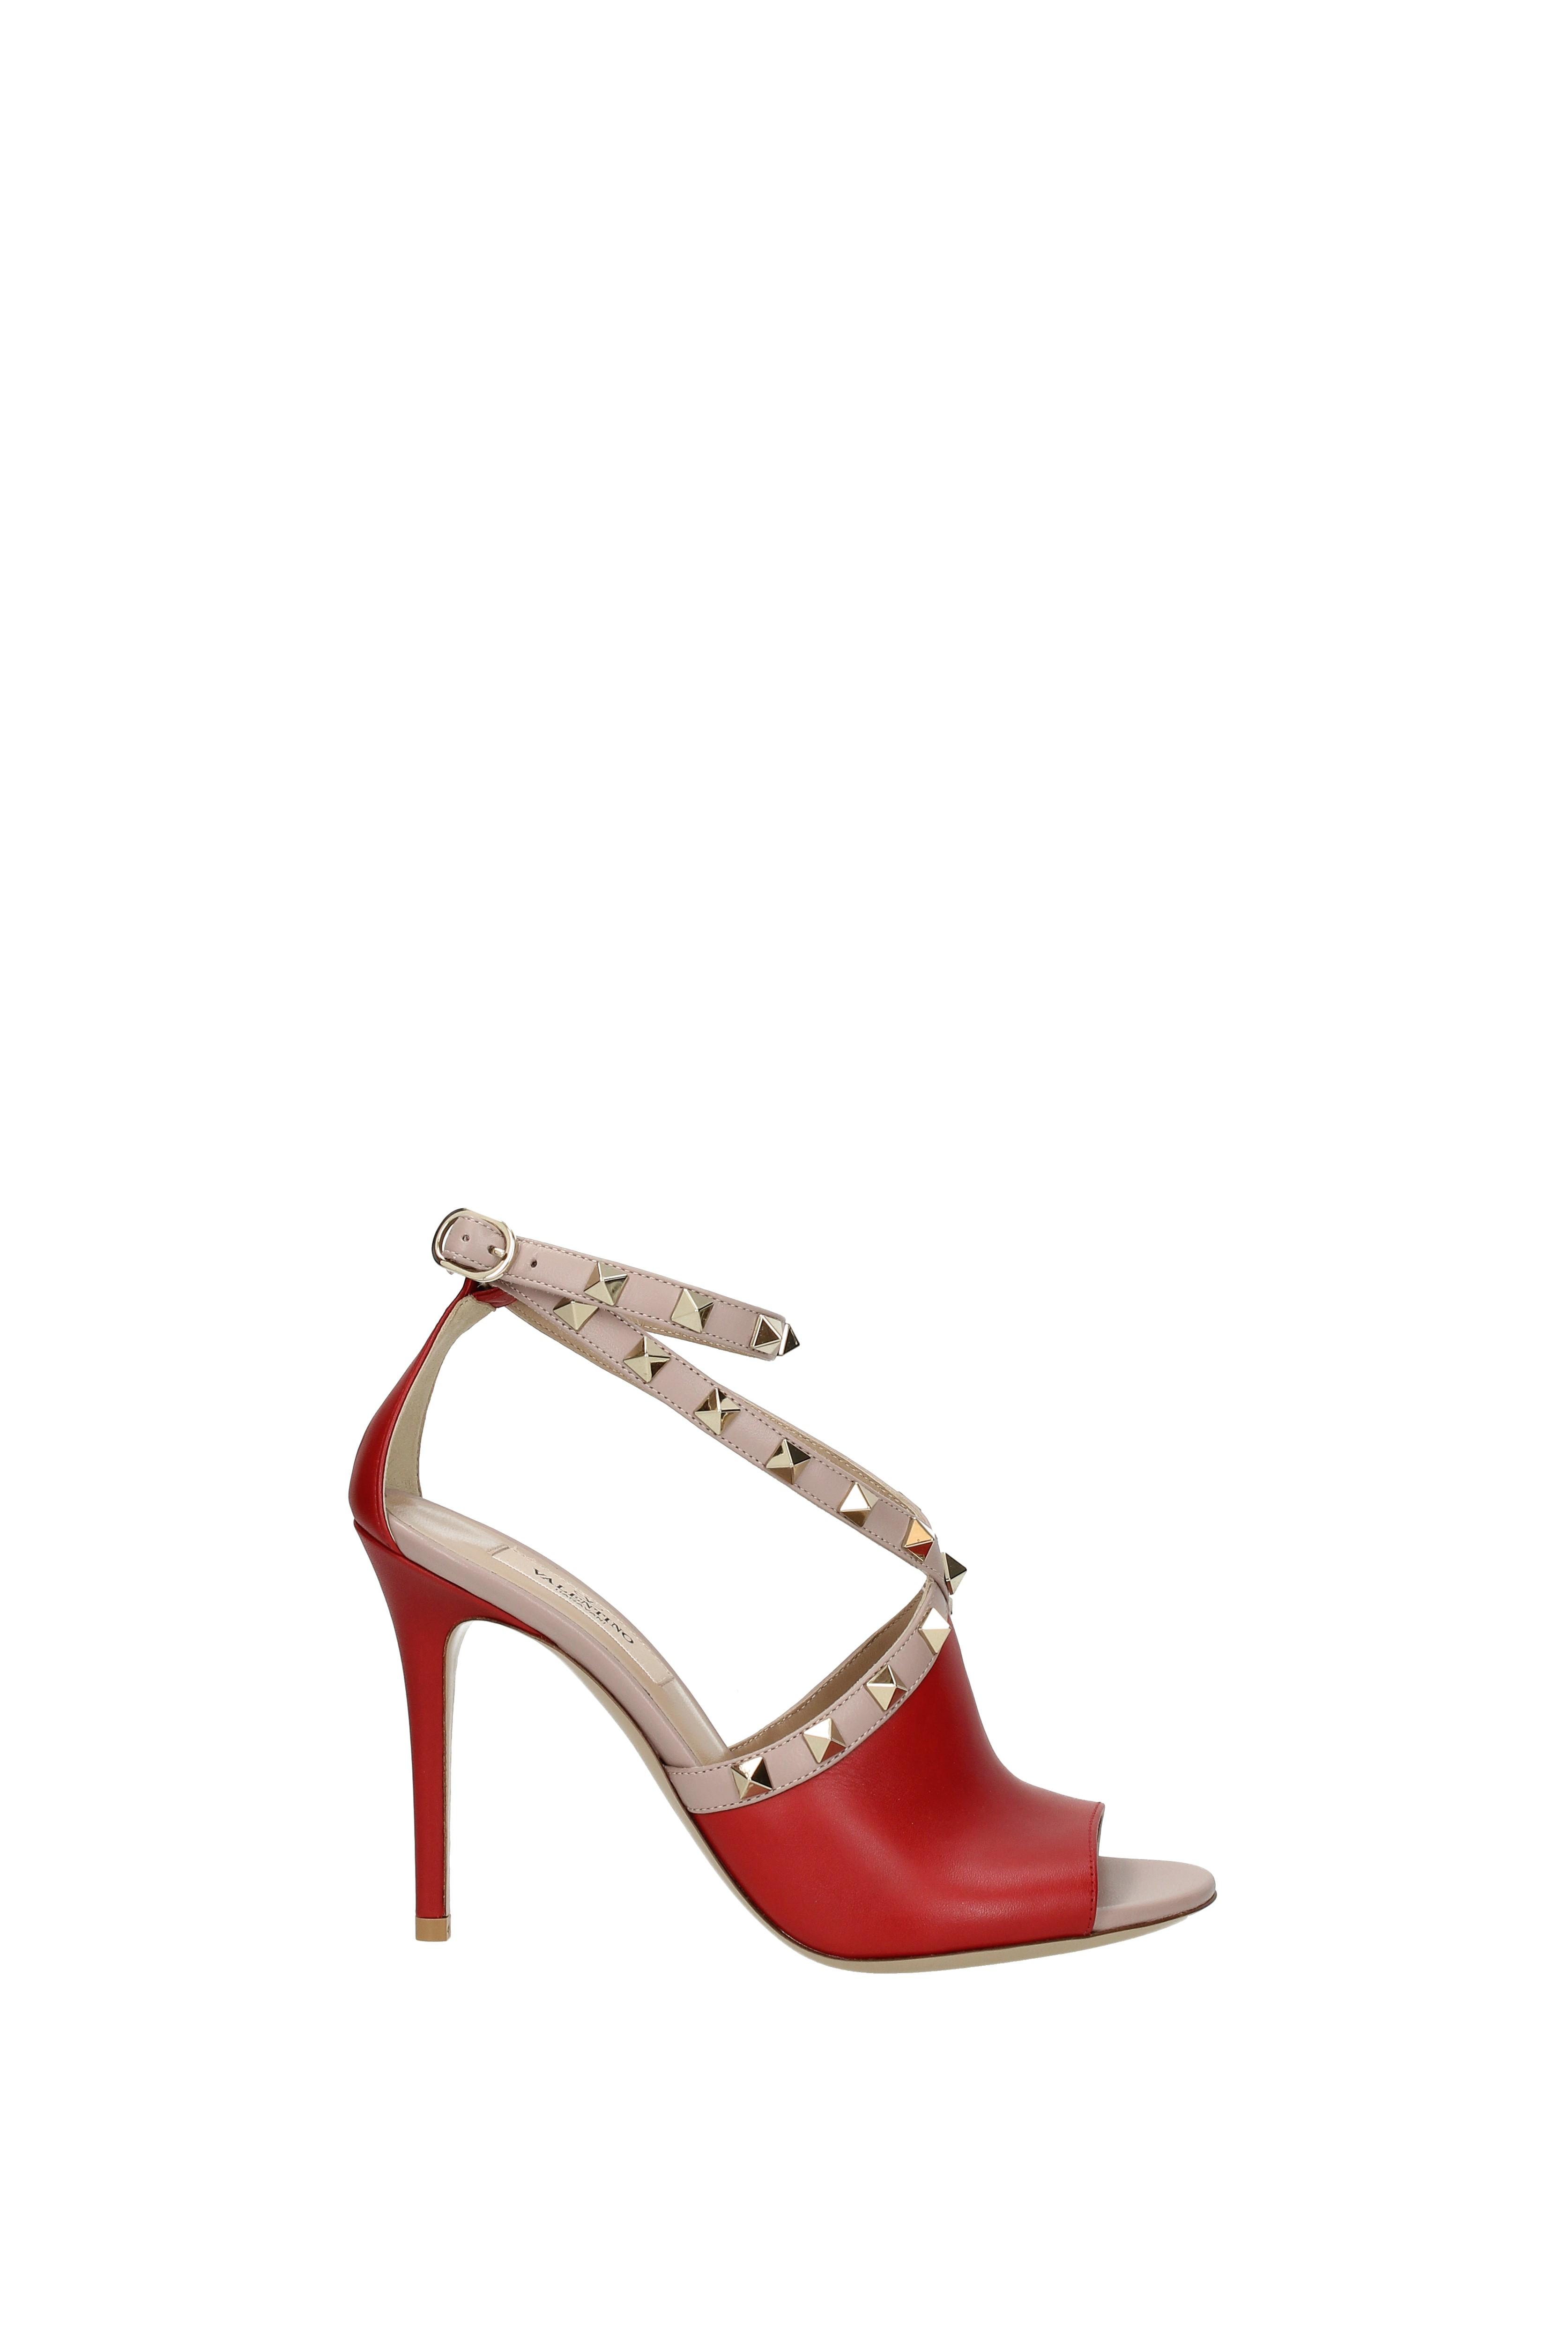 sandales valentino cuir garavani femmes - cuir valentino (2s0f03gcc) a29816